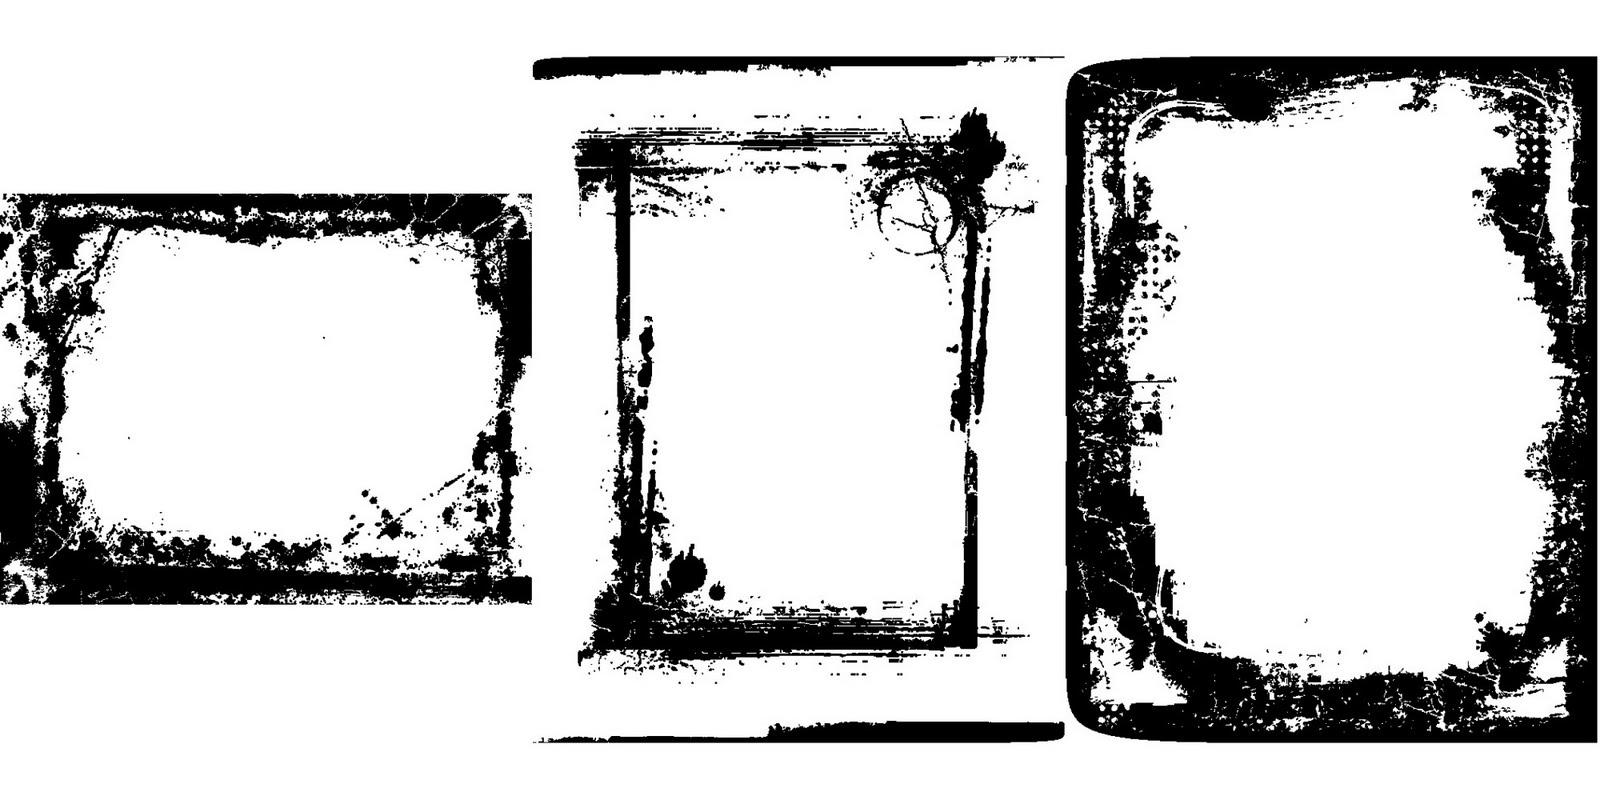 100 Marcos Grunge en Vector (100 Vector Grunge Frames) | Recursos 2D